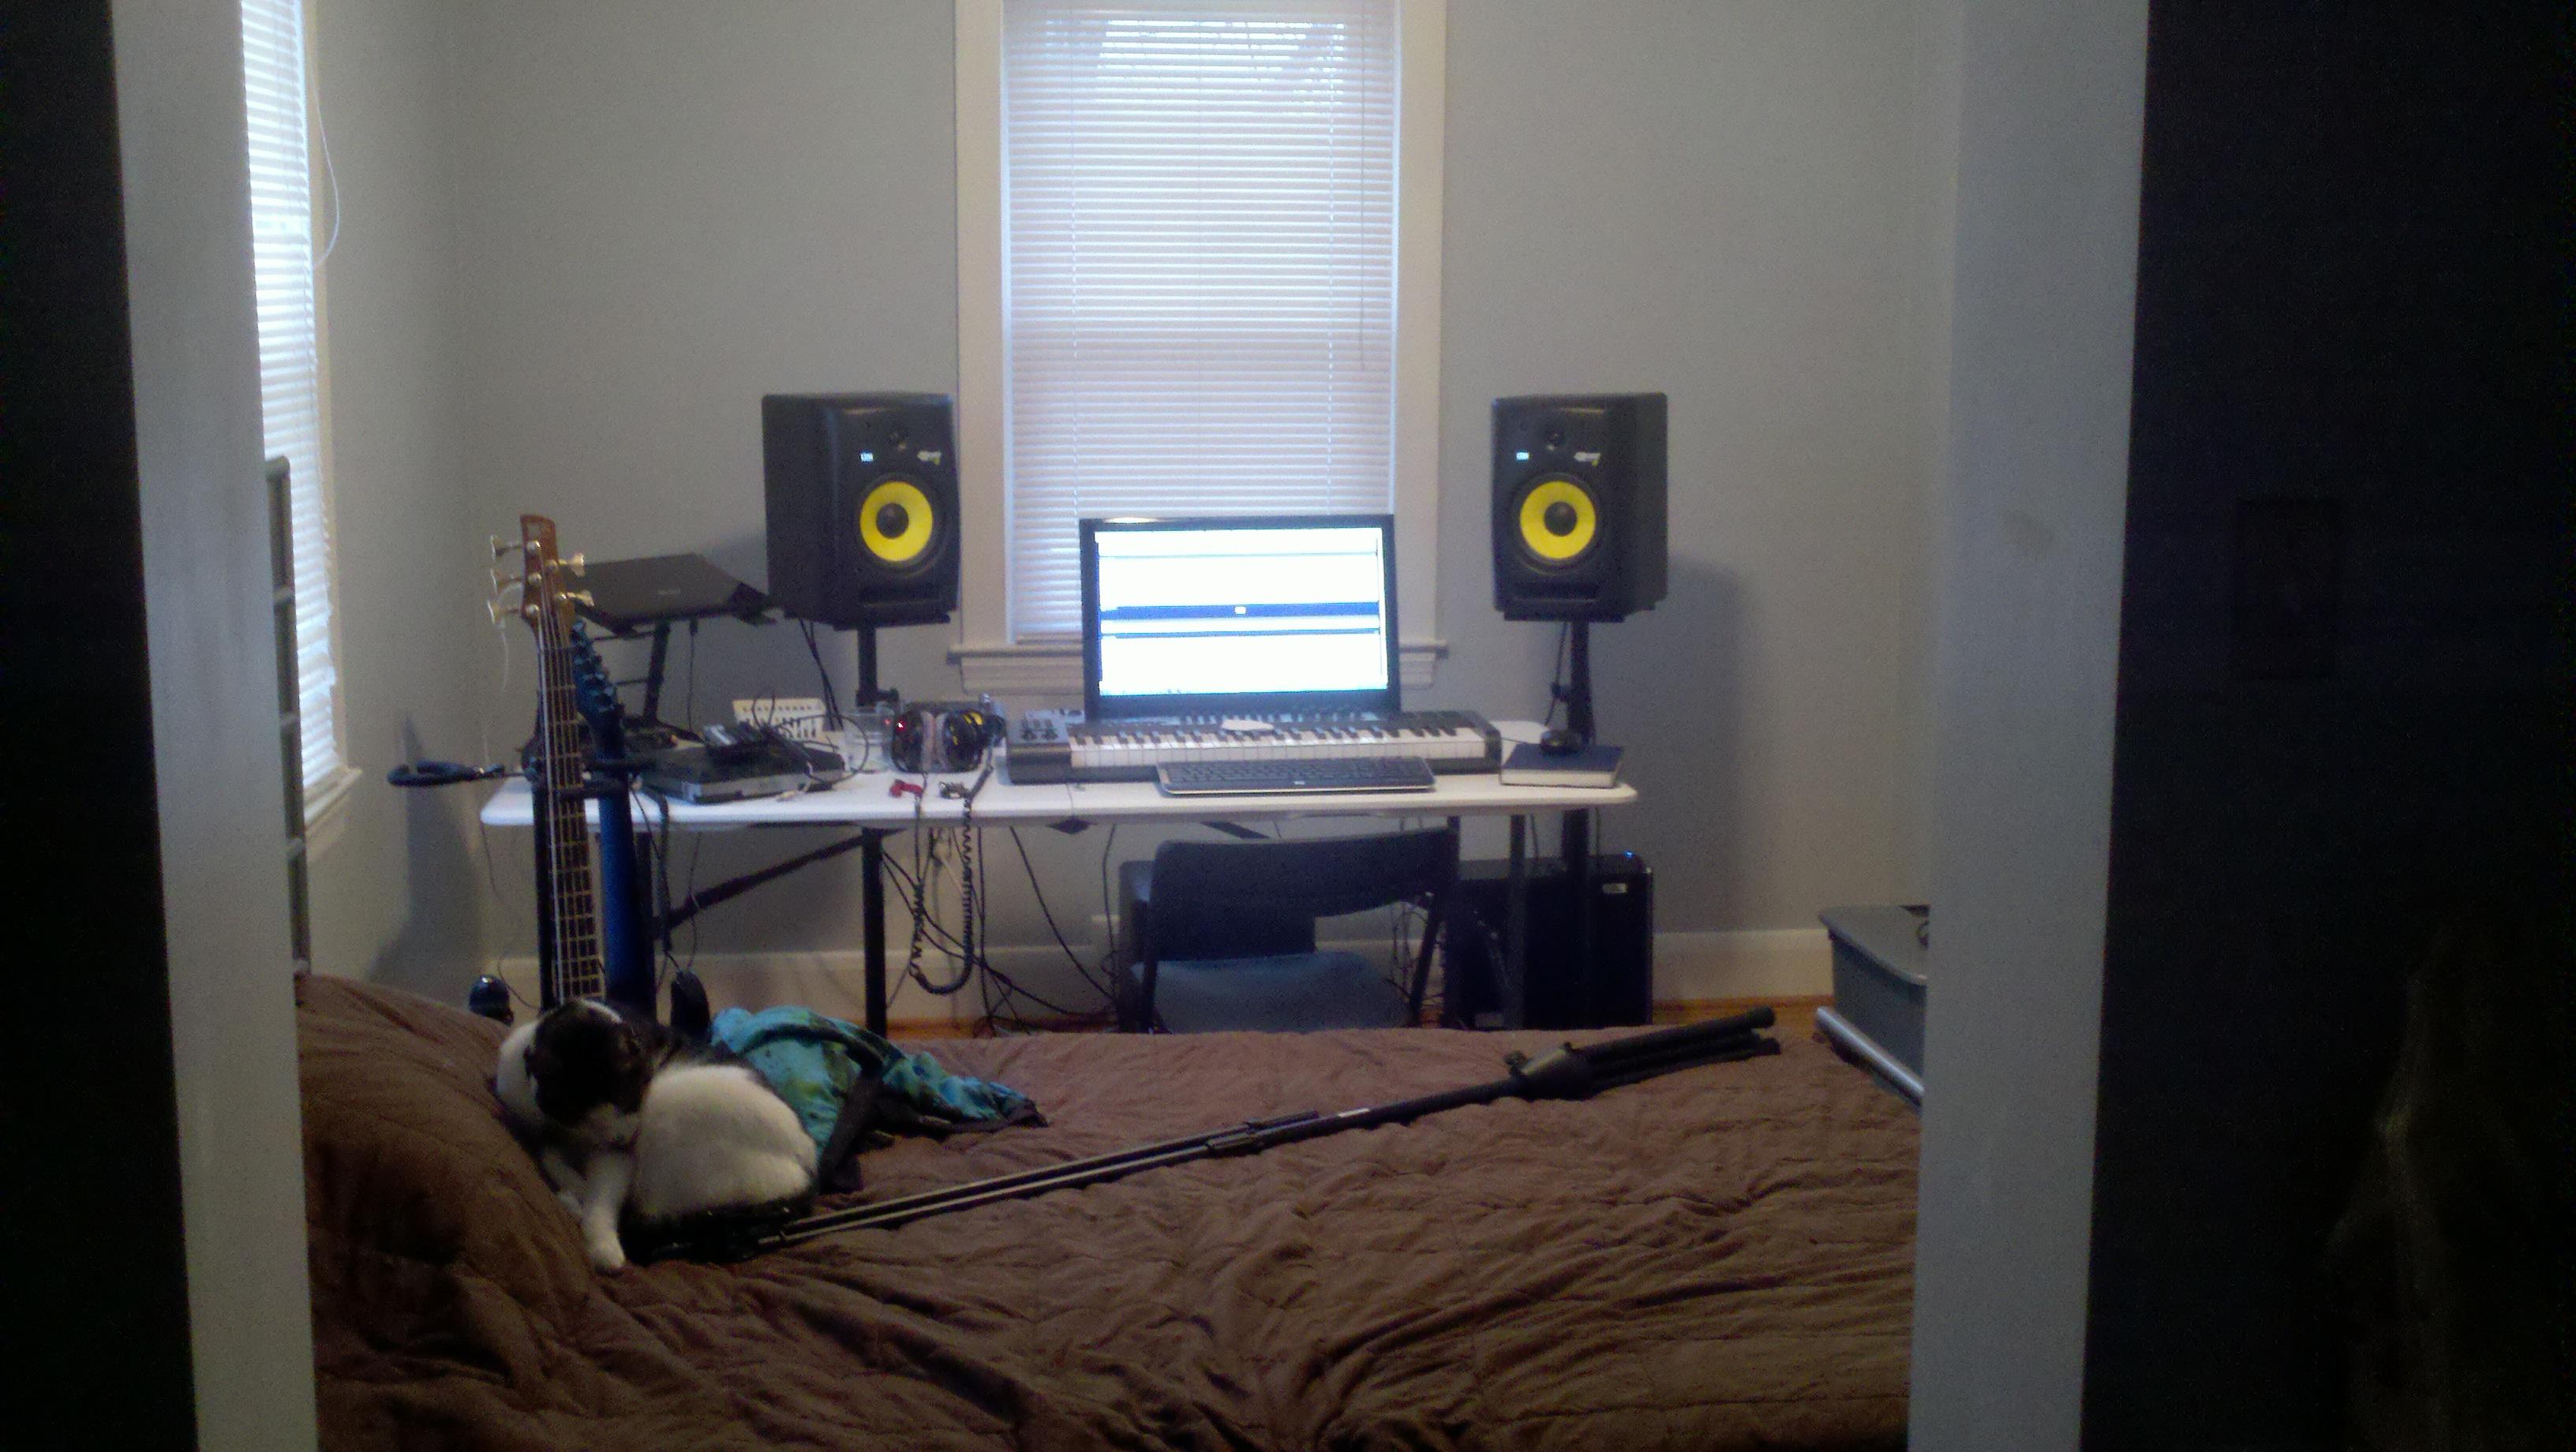 Bedroom Studio Arrangement Suggestions Images